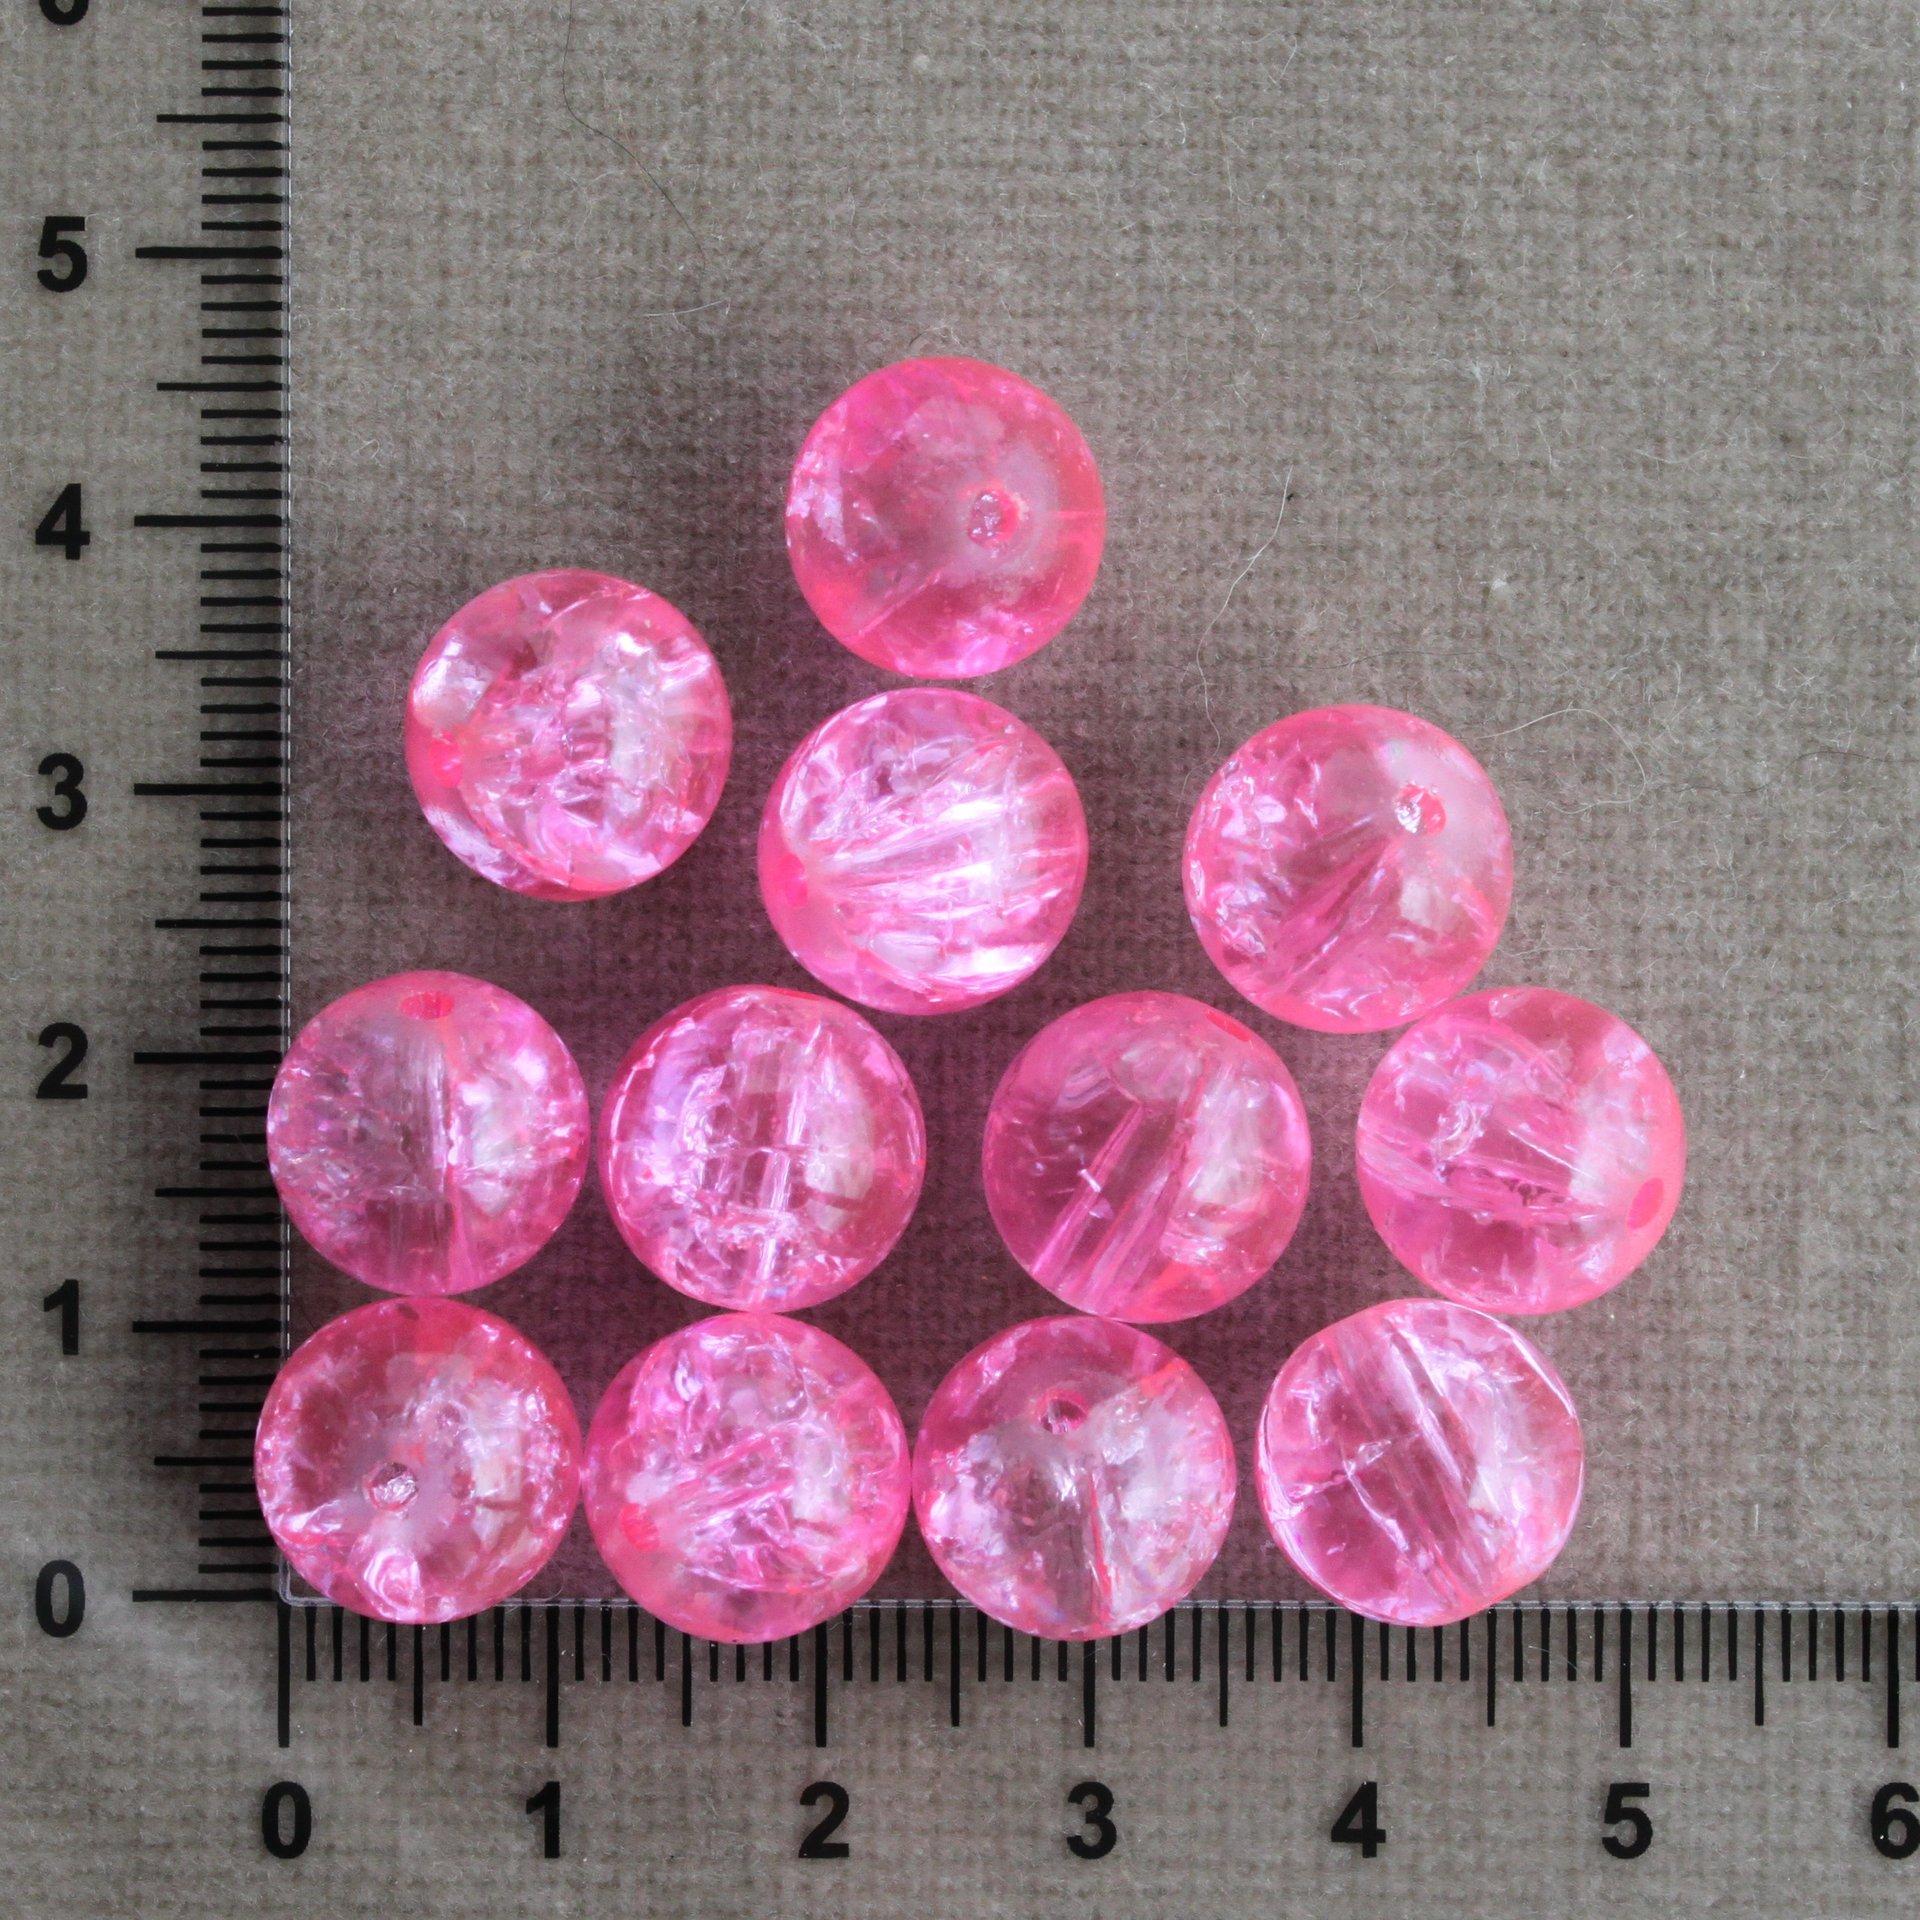 Růžové - 12 mm; praskací růžová kulička sklo 12 mm 1,5 mm